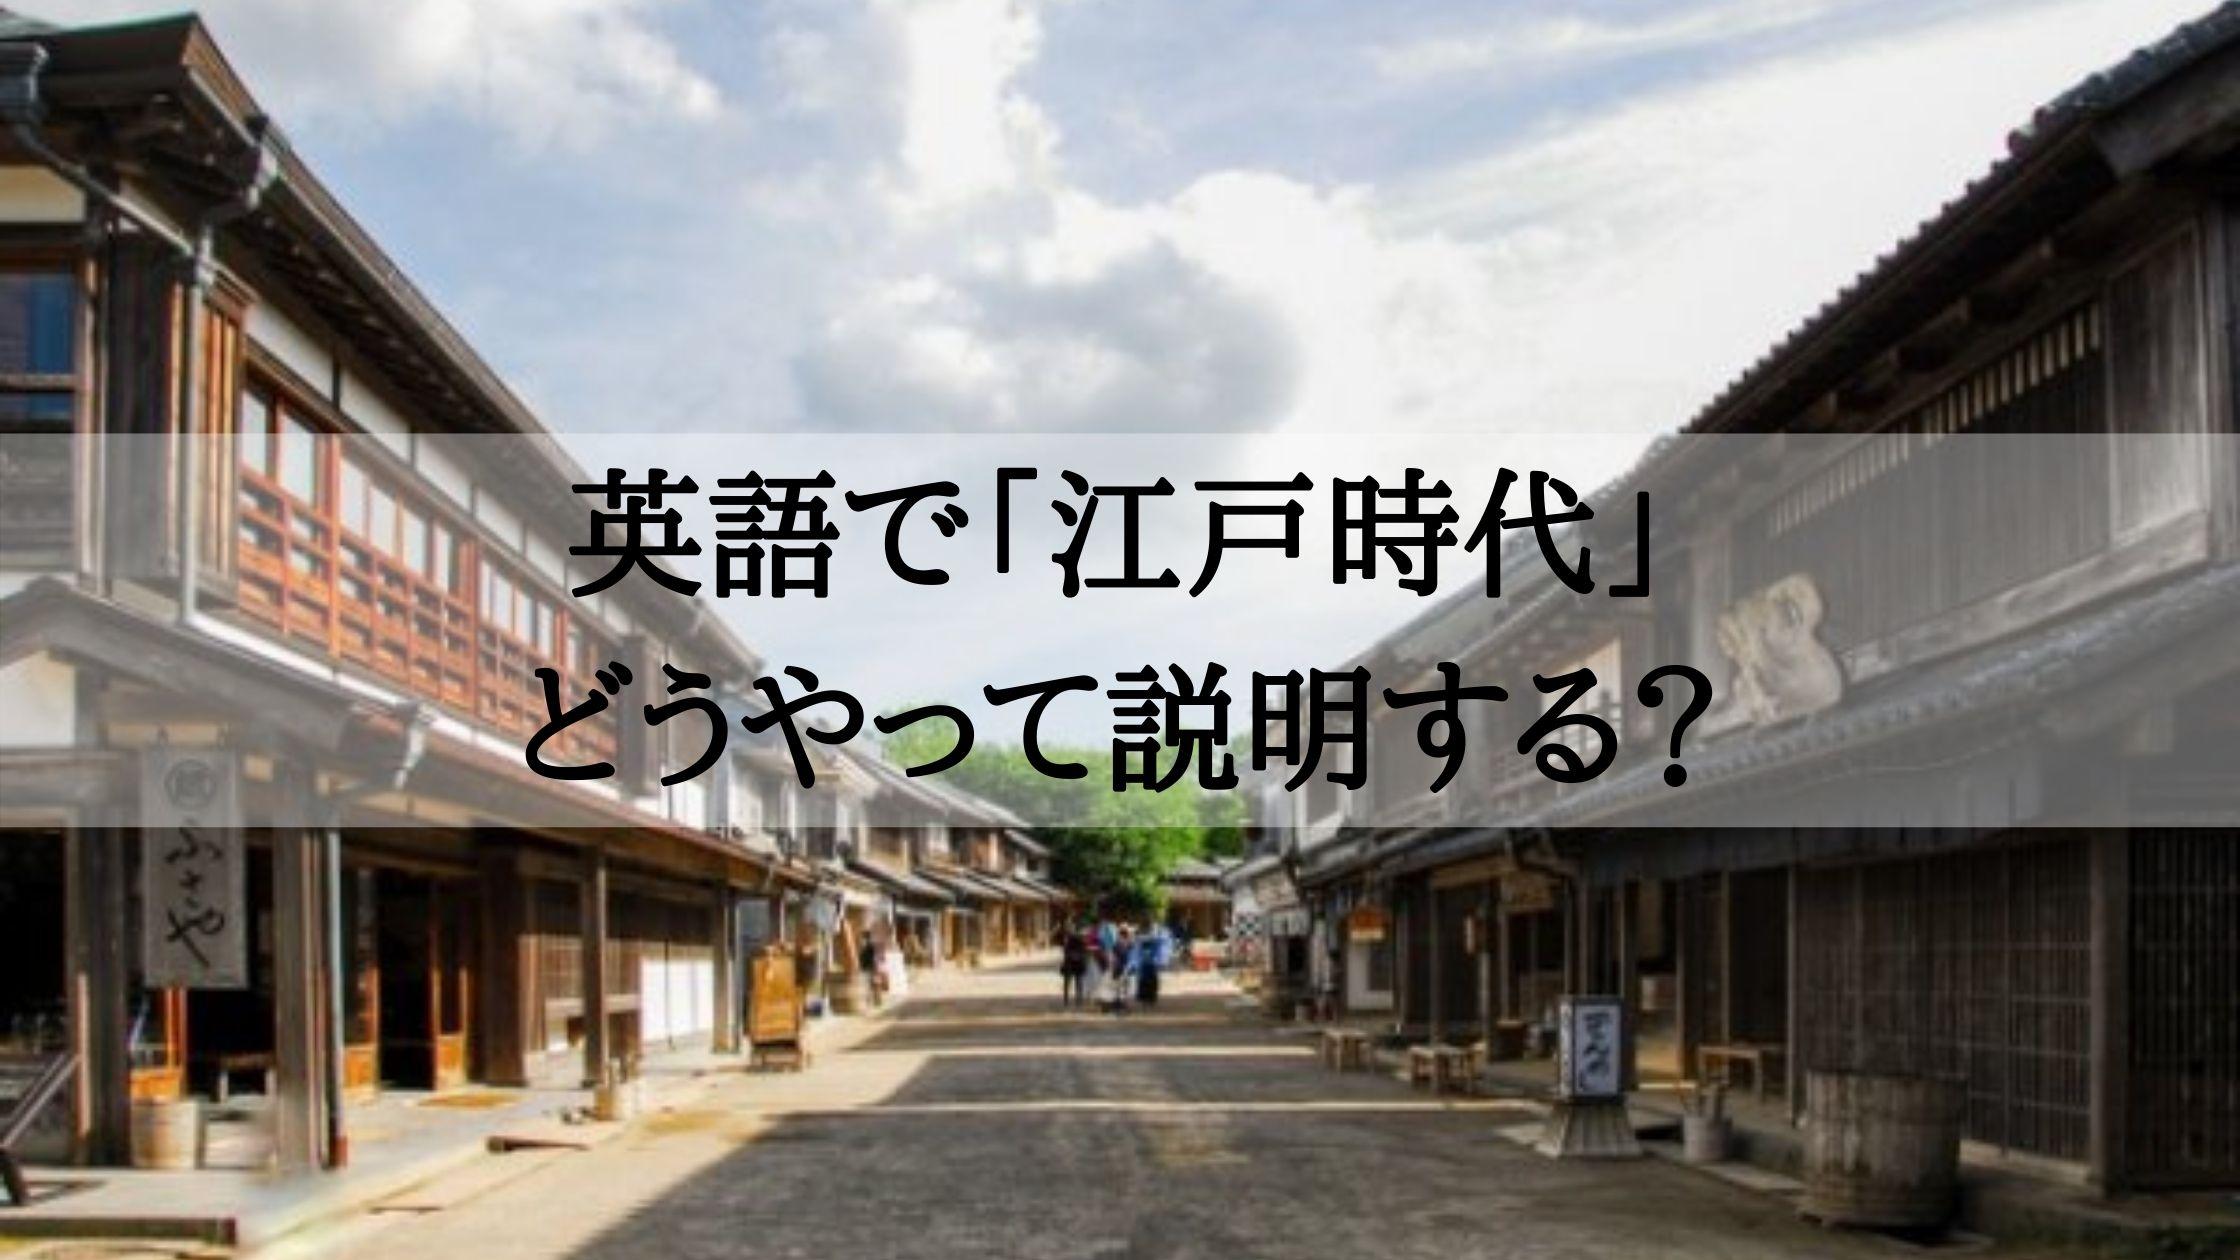 英語で説明する江戸時代